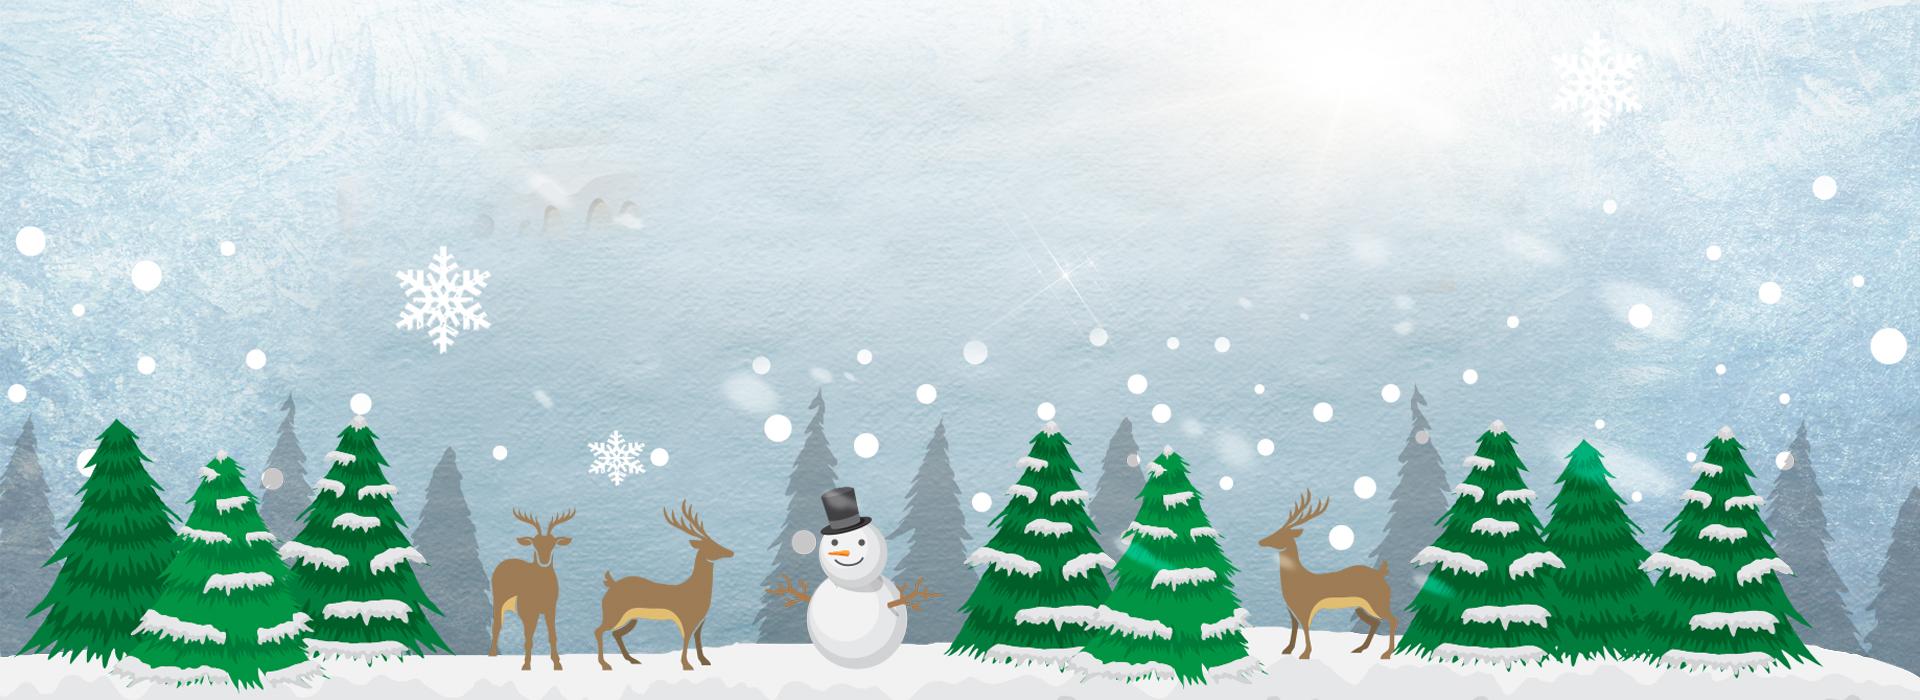 bonhomme de neige la figure l u0026 39 hiver la neige contexte